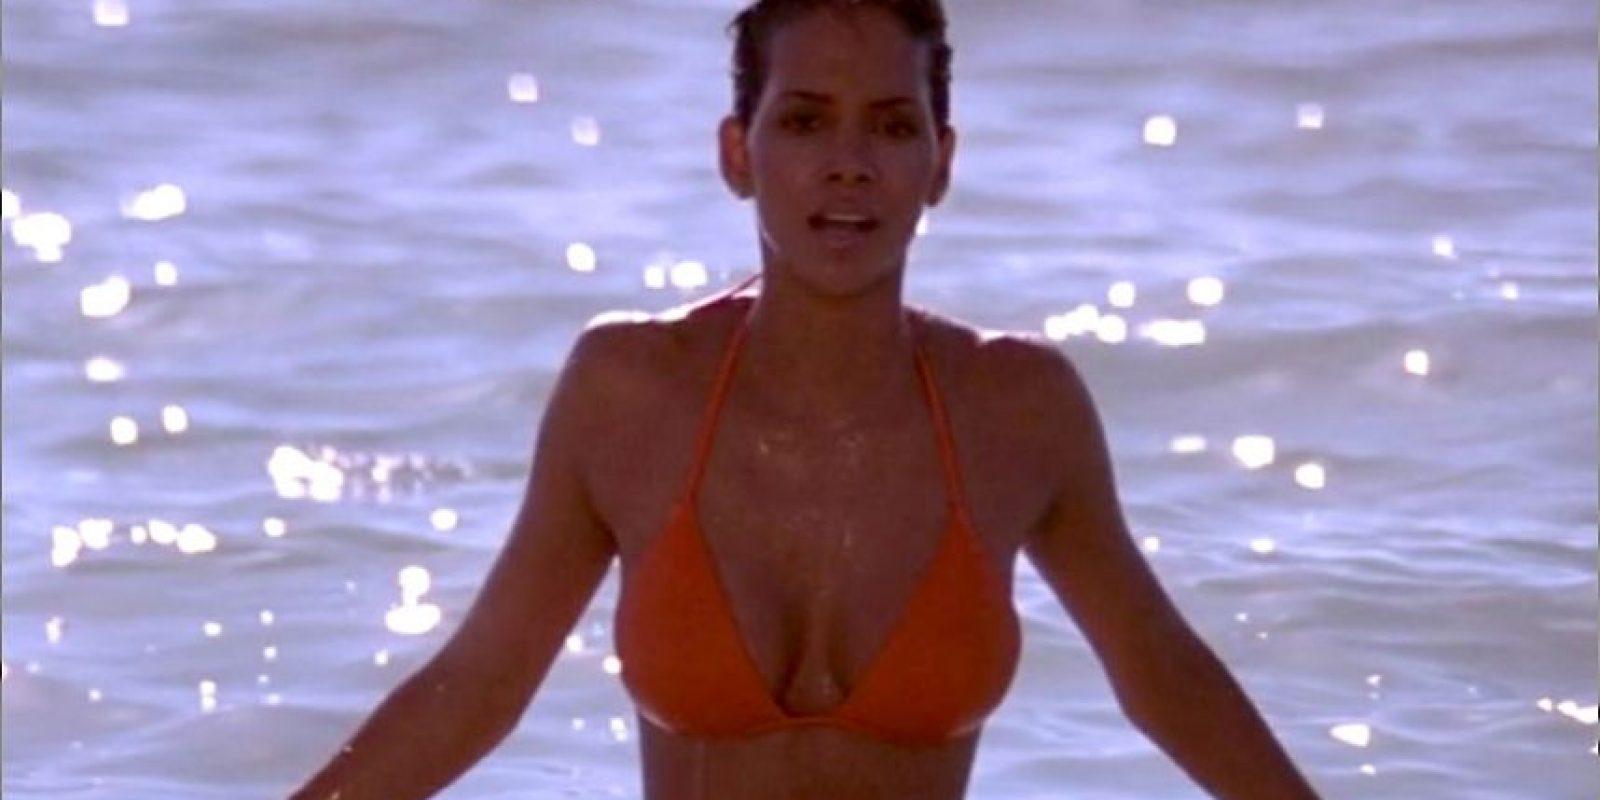 Halle Berry, interpreta a Jinx Johnson una agente al servicio de la ANS (Agencia Nacional de Seguridad) que esta tras el mismo objetivo que el agente del M16. un detalle, los productores la consideraban una James Bond femenina.